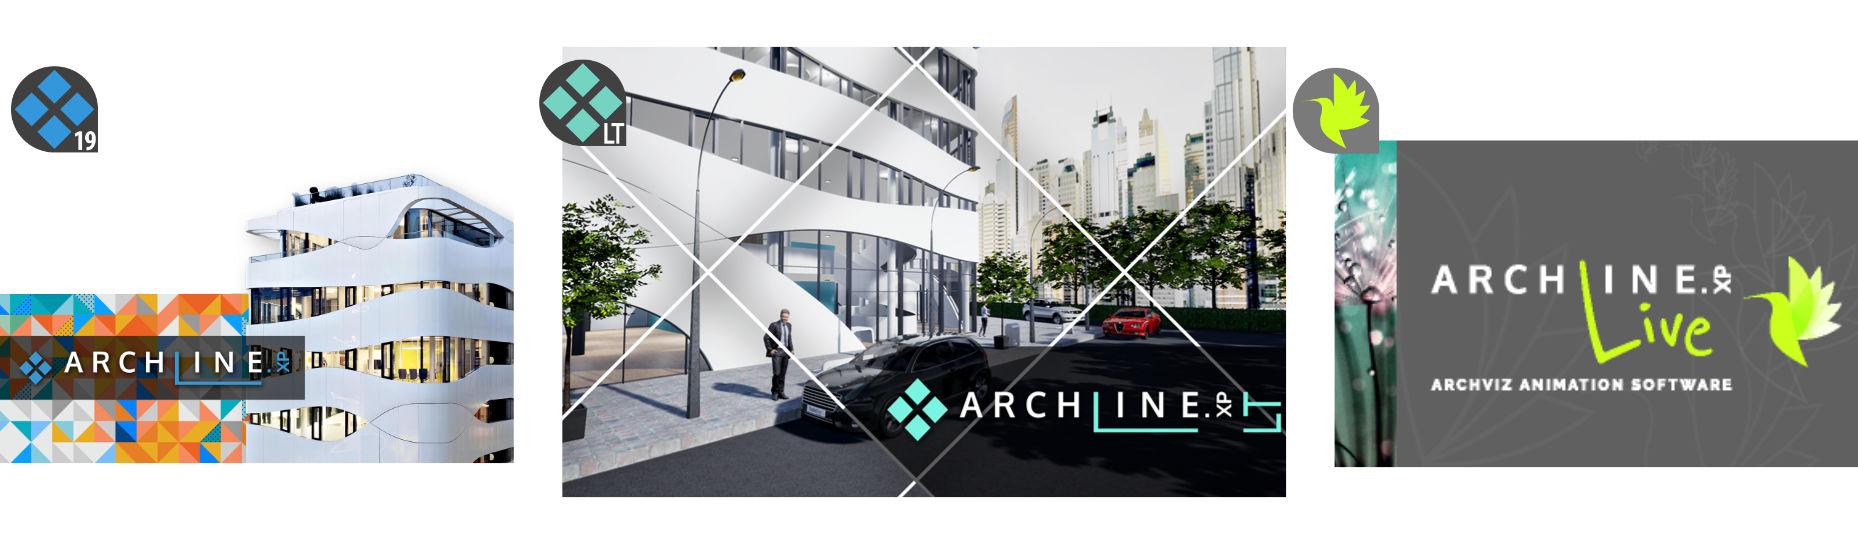 ARCHLine.XP LT - PRO + LIVE 2019 Out Now!